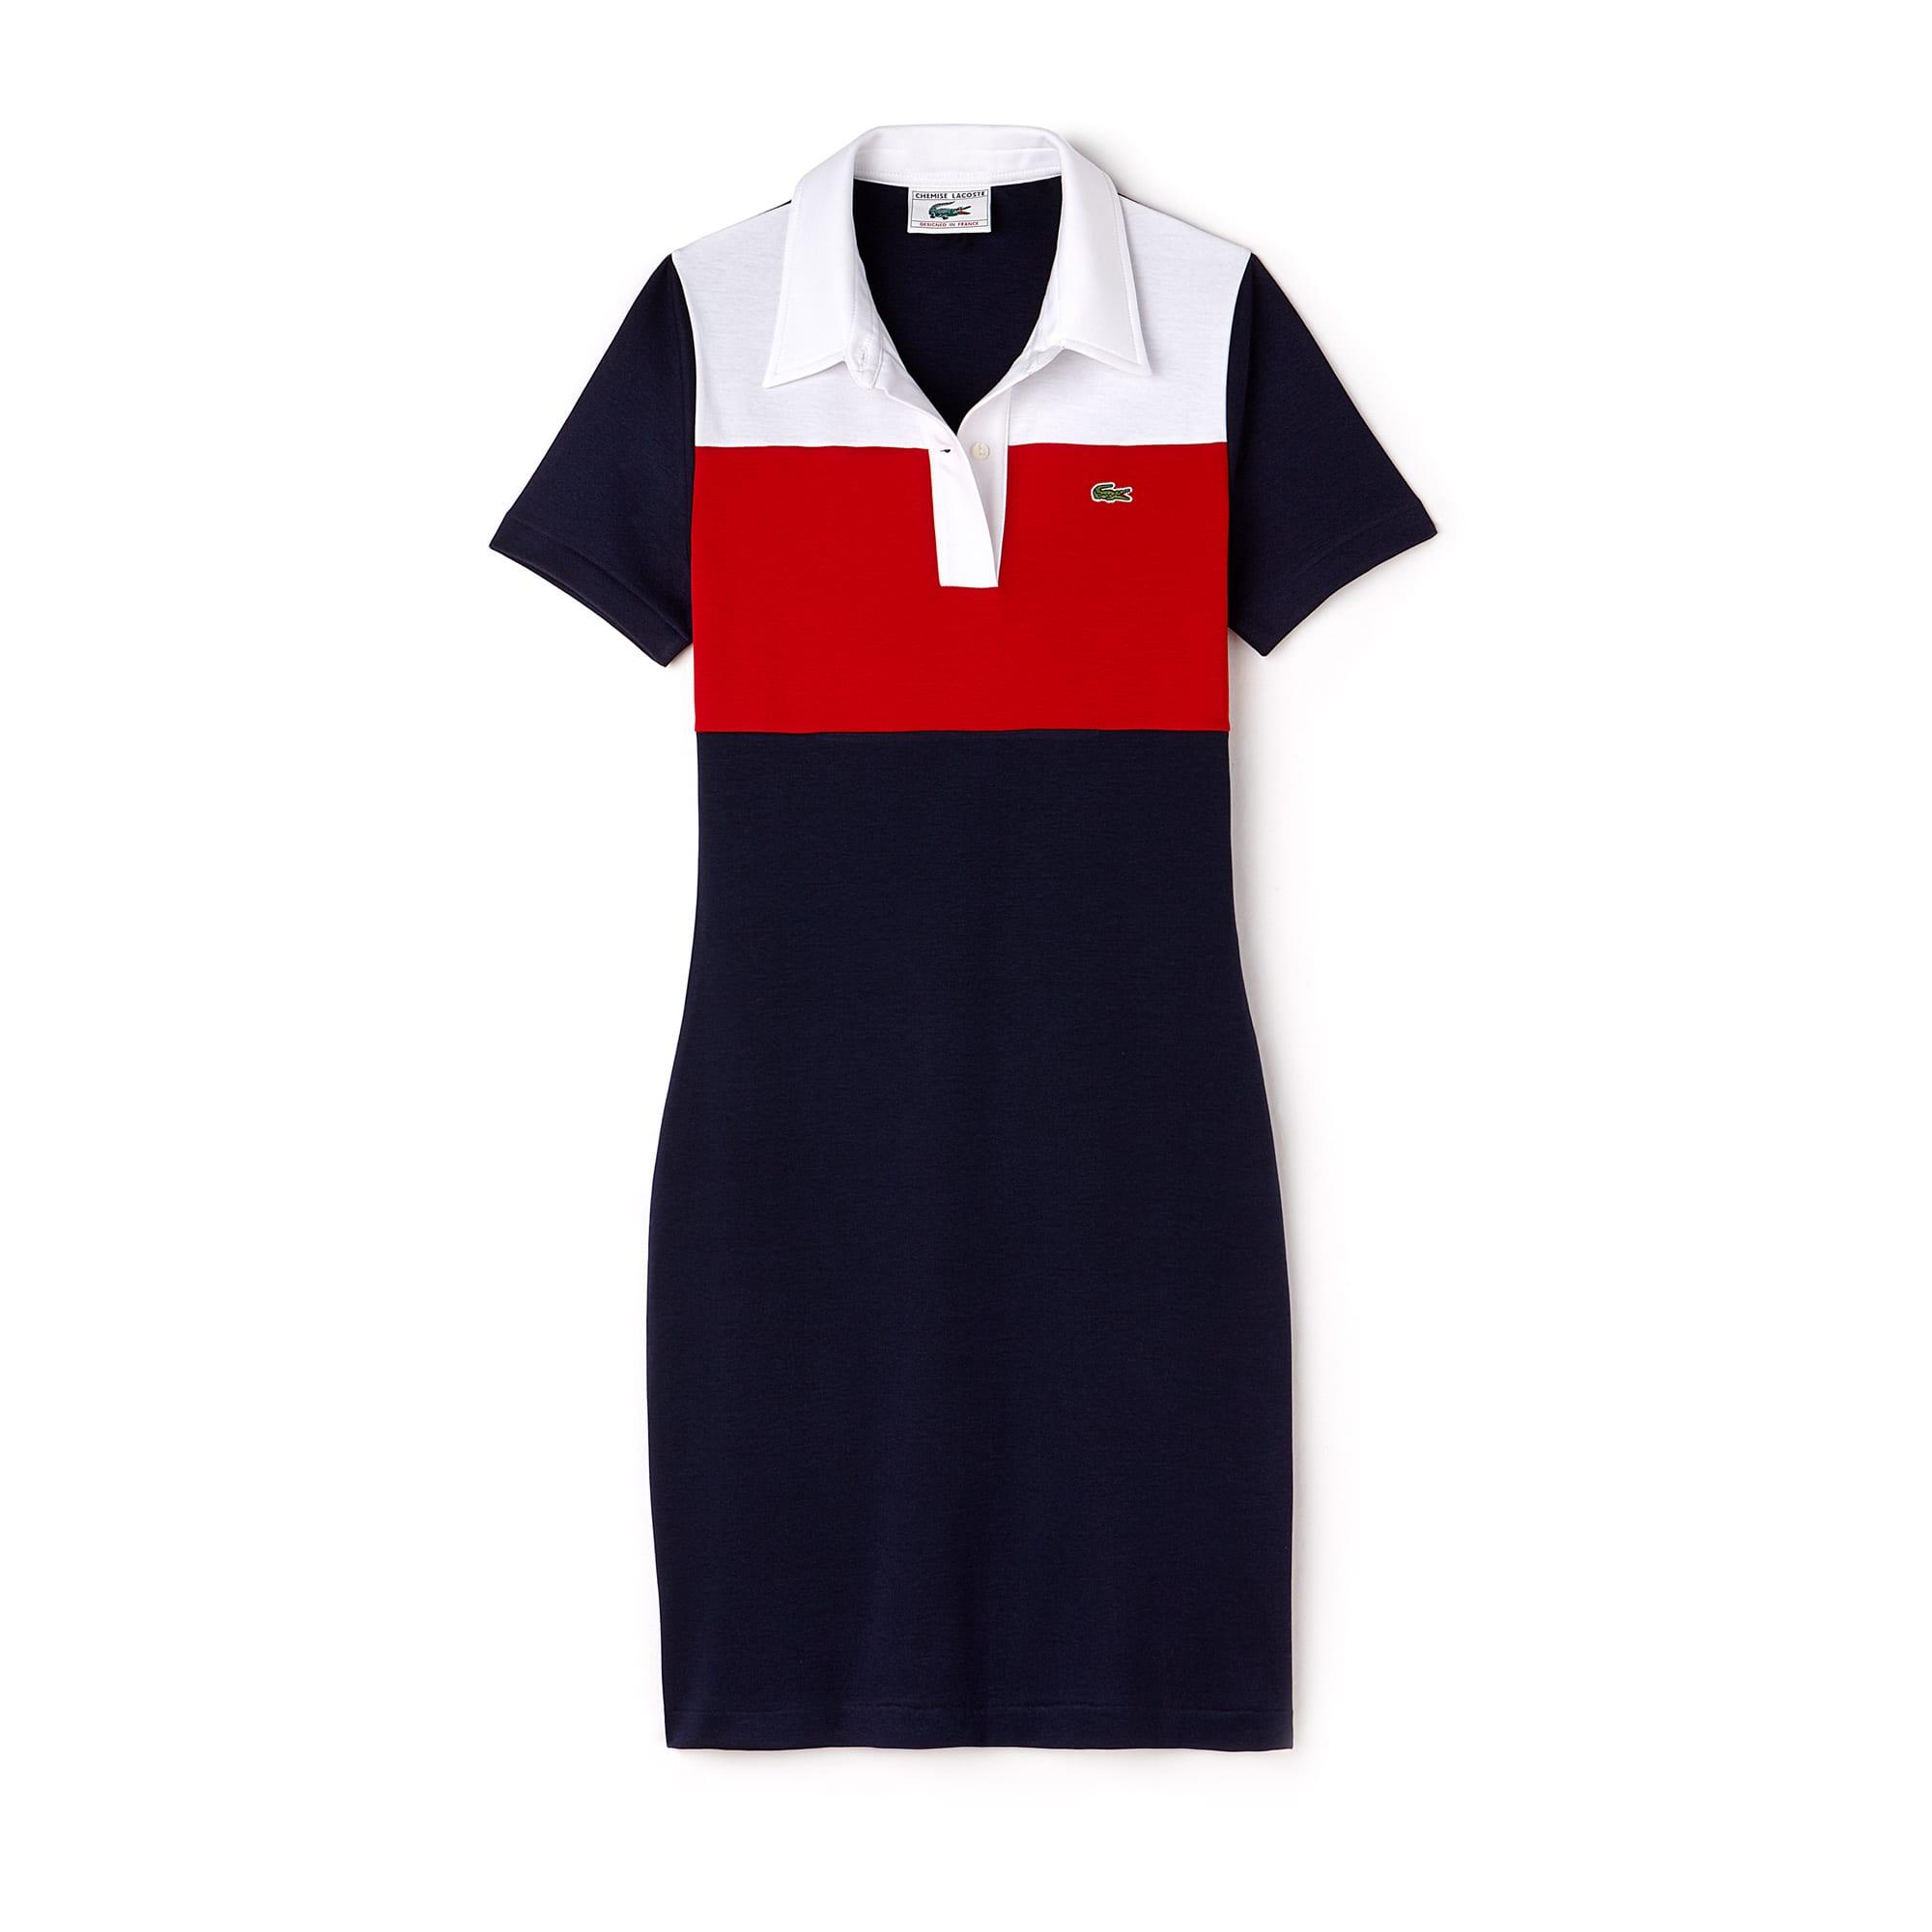 Vestido polo Lacoste de punto interlock Edición limitada Aniversario 85 años